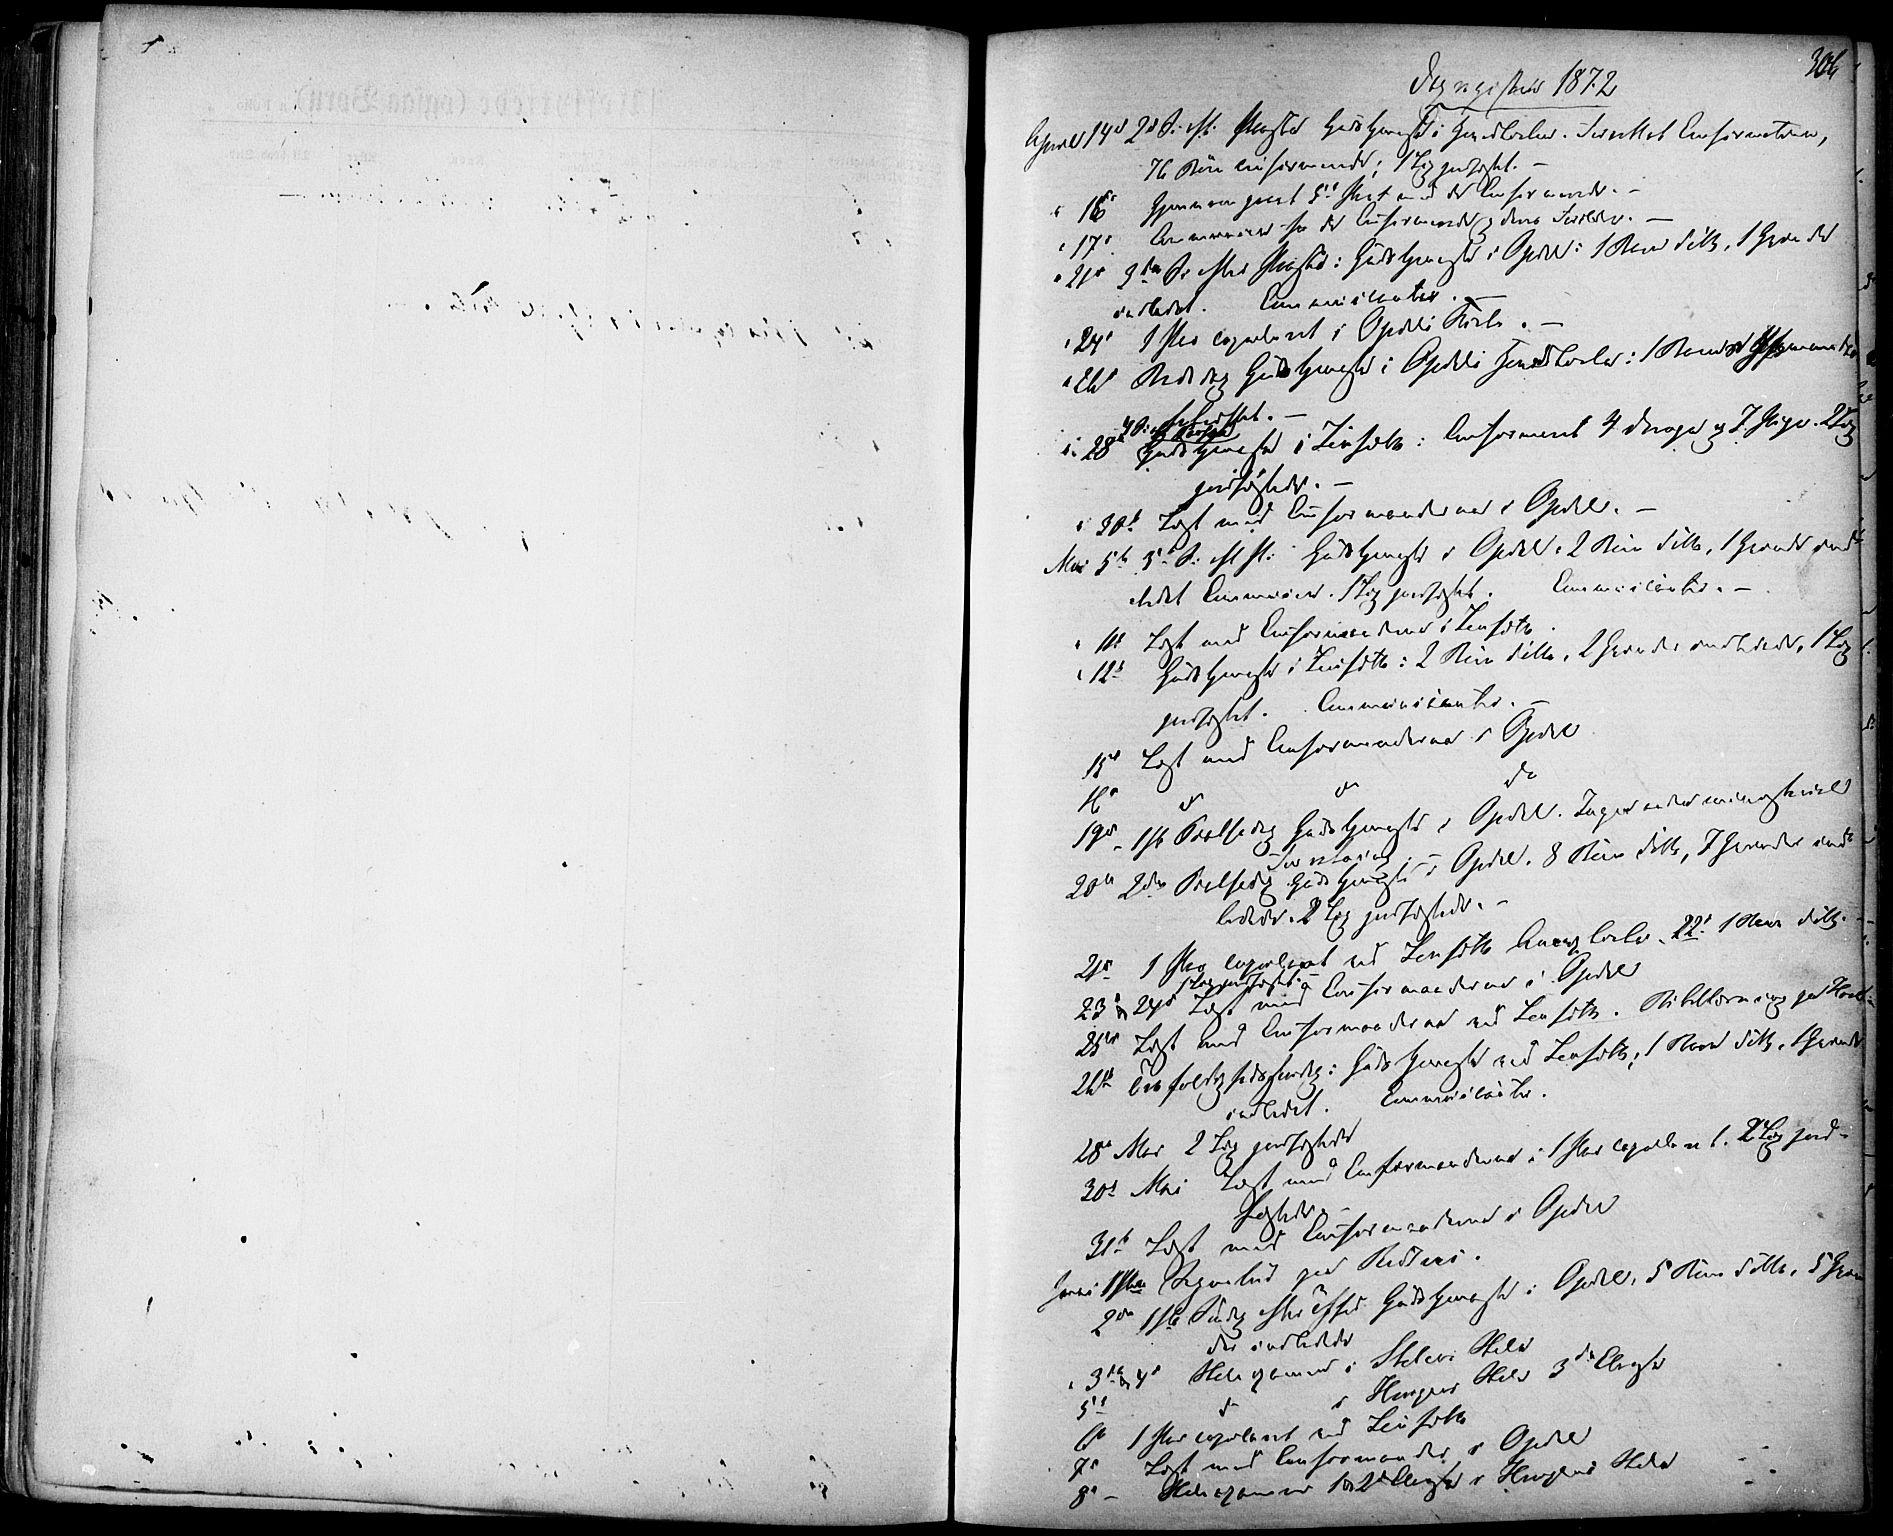 SAT, Ministerialprotokoller, klokkerbøker og fødselsregistre - Sør-Trøndelag, 678/L0900: Ministerialbok nr. 678A09, 1872-1881, s. 306